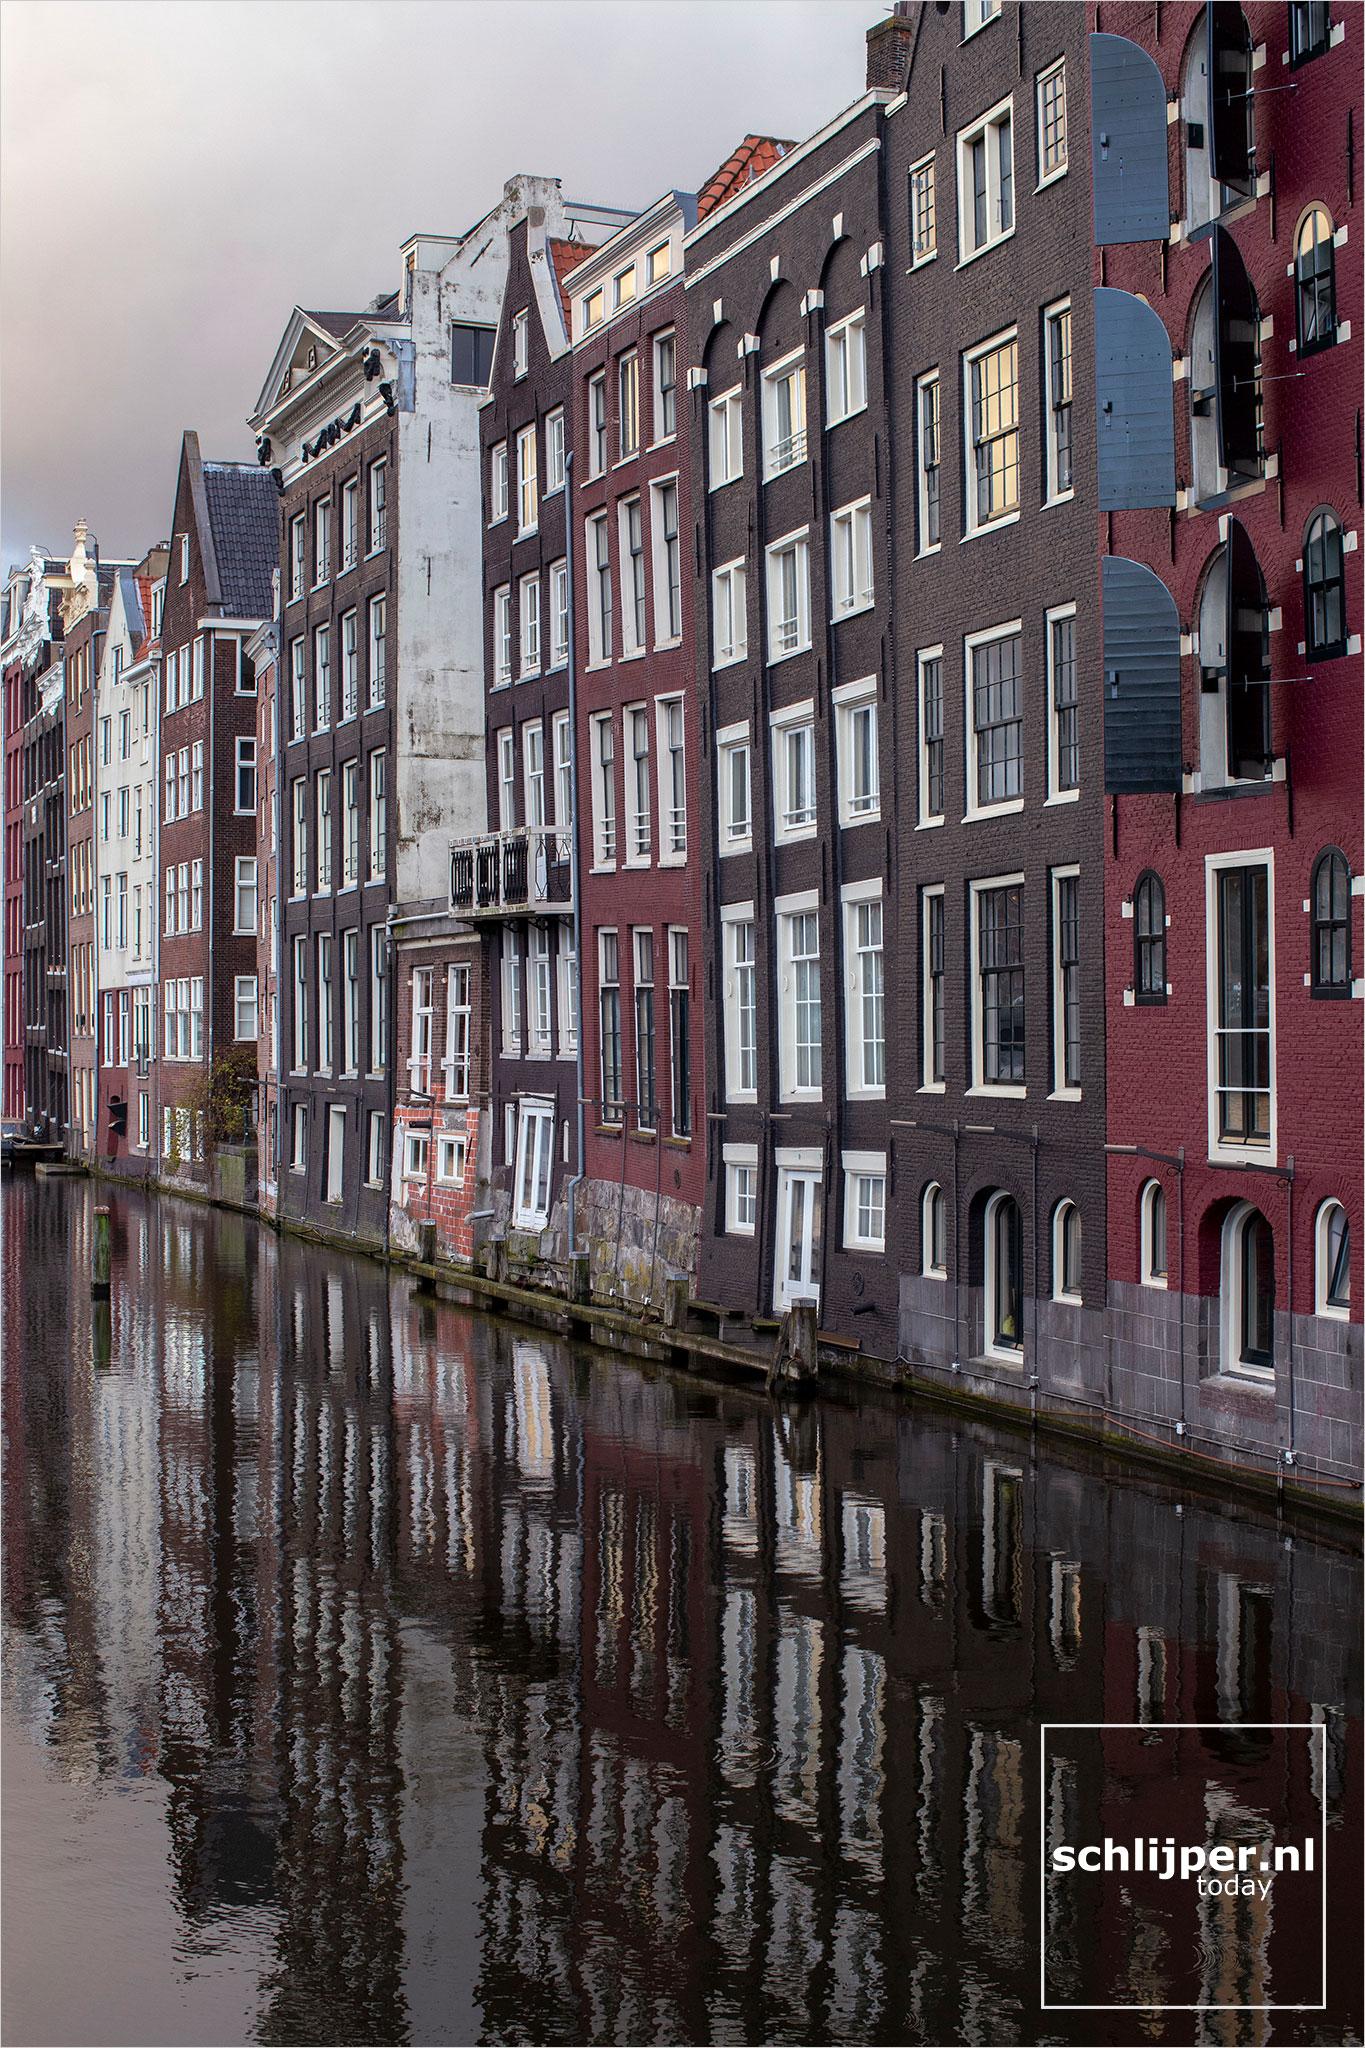 Nederland, Amsterdam, 12 november 2020